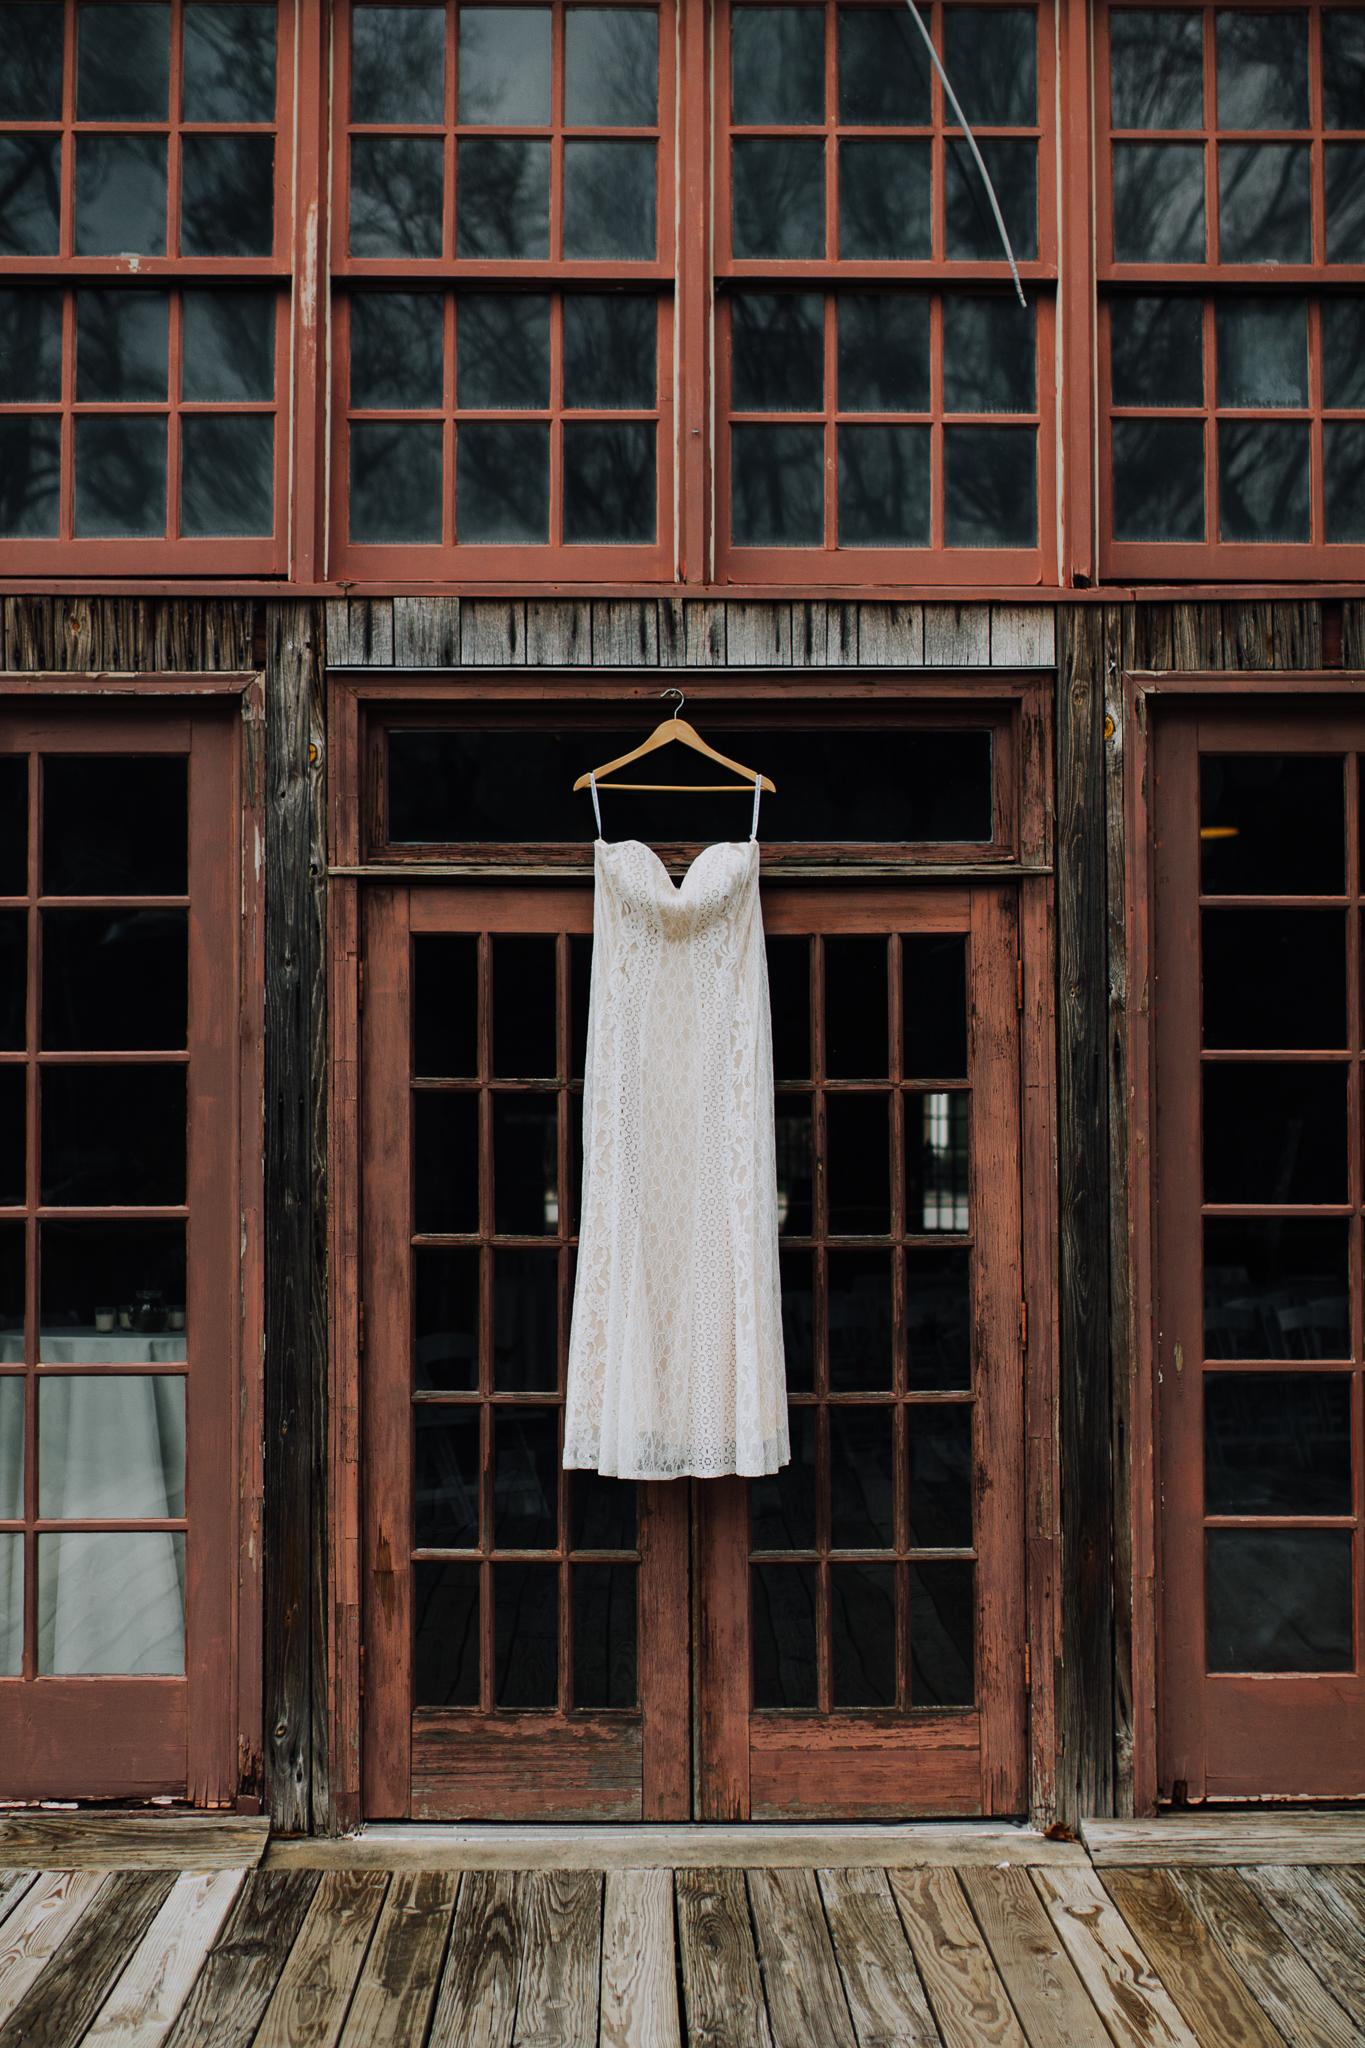 columbia-sc-wedding-photographer-winter-senates-end-downtown-1